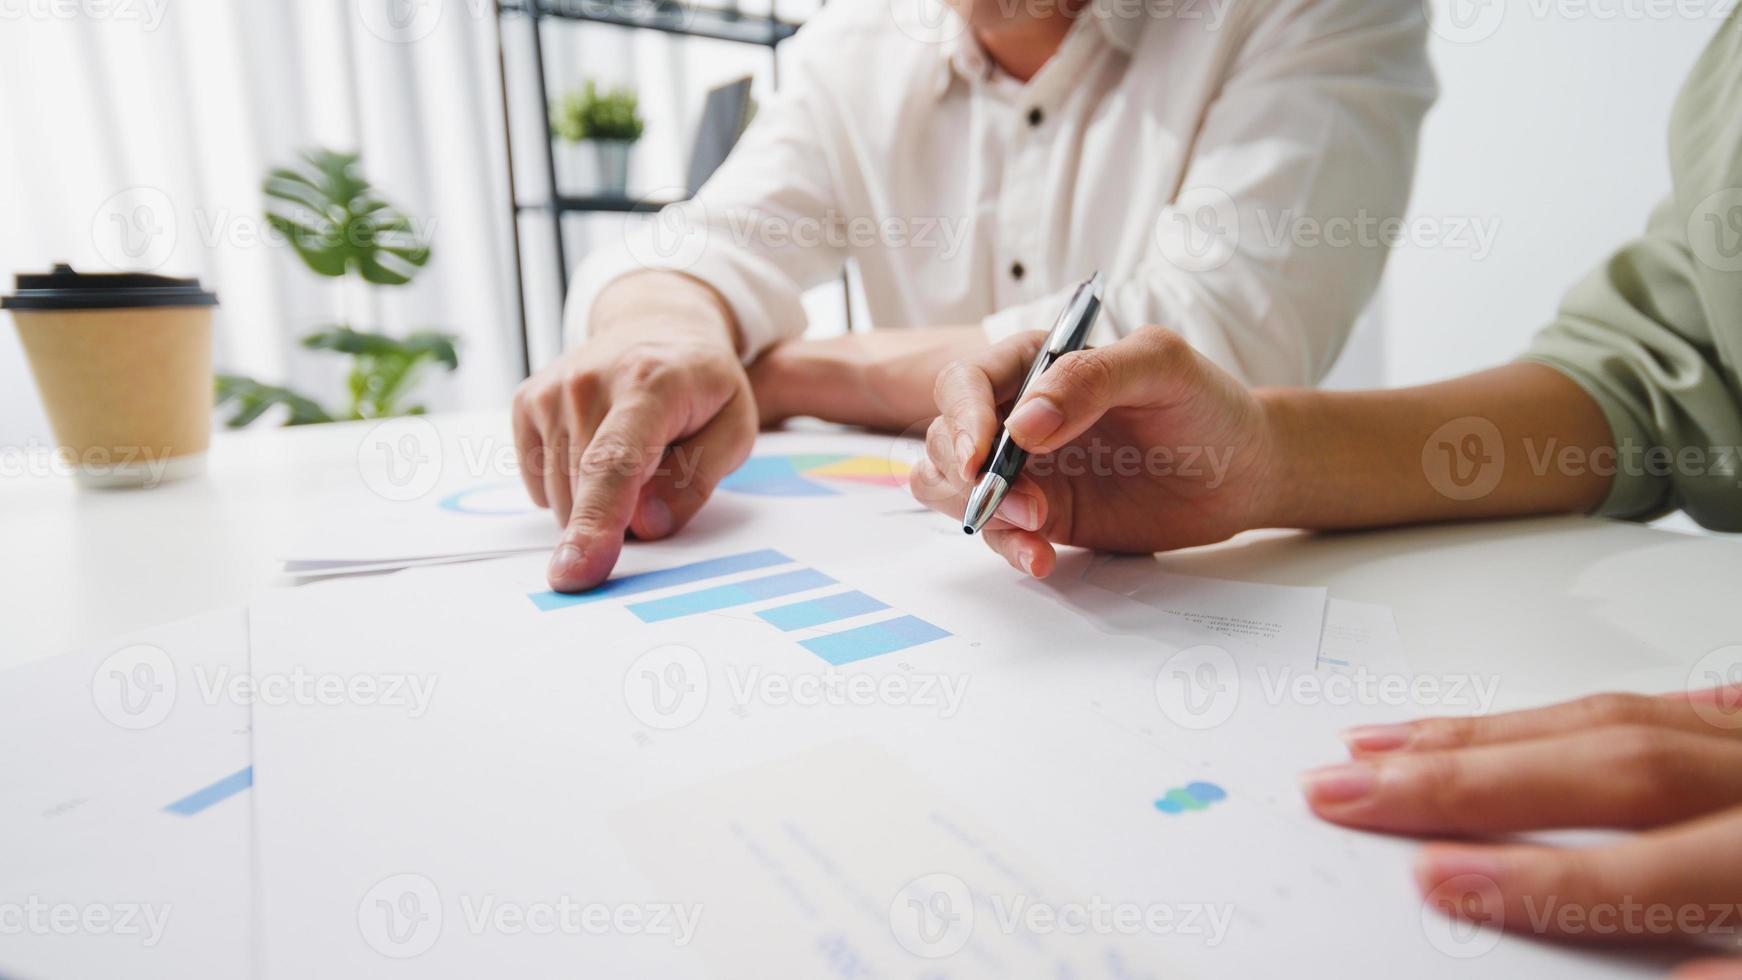 gelukkige jonge Aziatische zakenlieden en zakenvrouwen ontmoeten brainstormideeën over nieuwe papierwerkprojectcollega's die samenwerken bij het plannen van successtrategie genieten van teamwork in een klein modern kantoor. foto